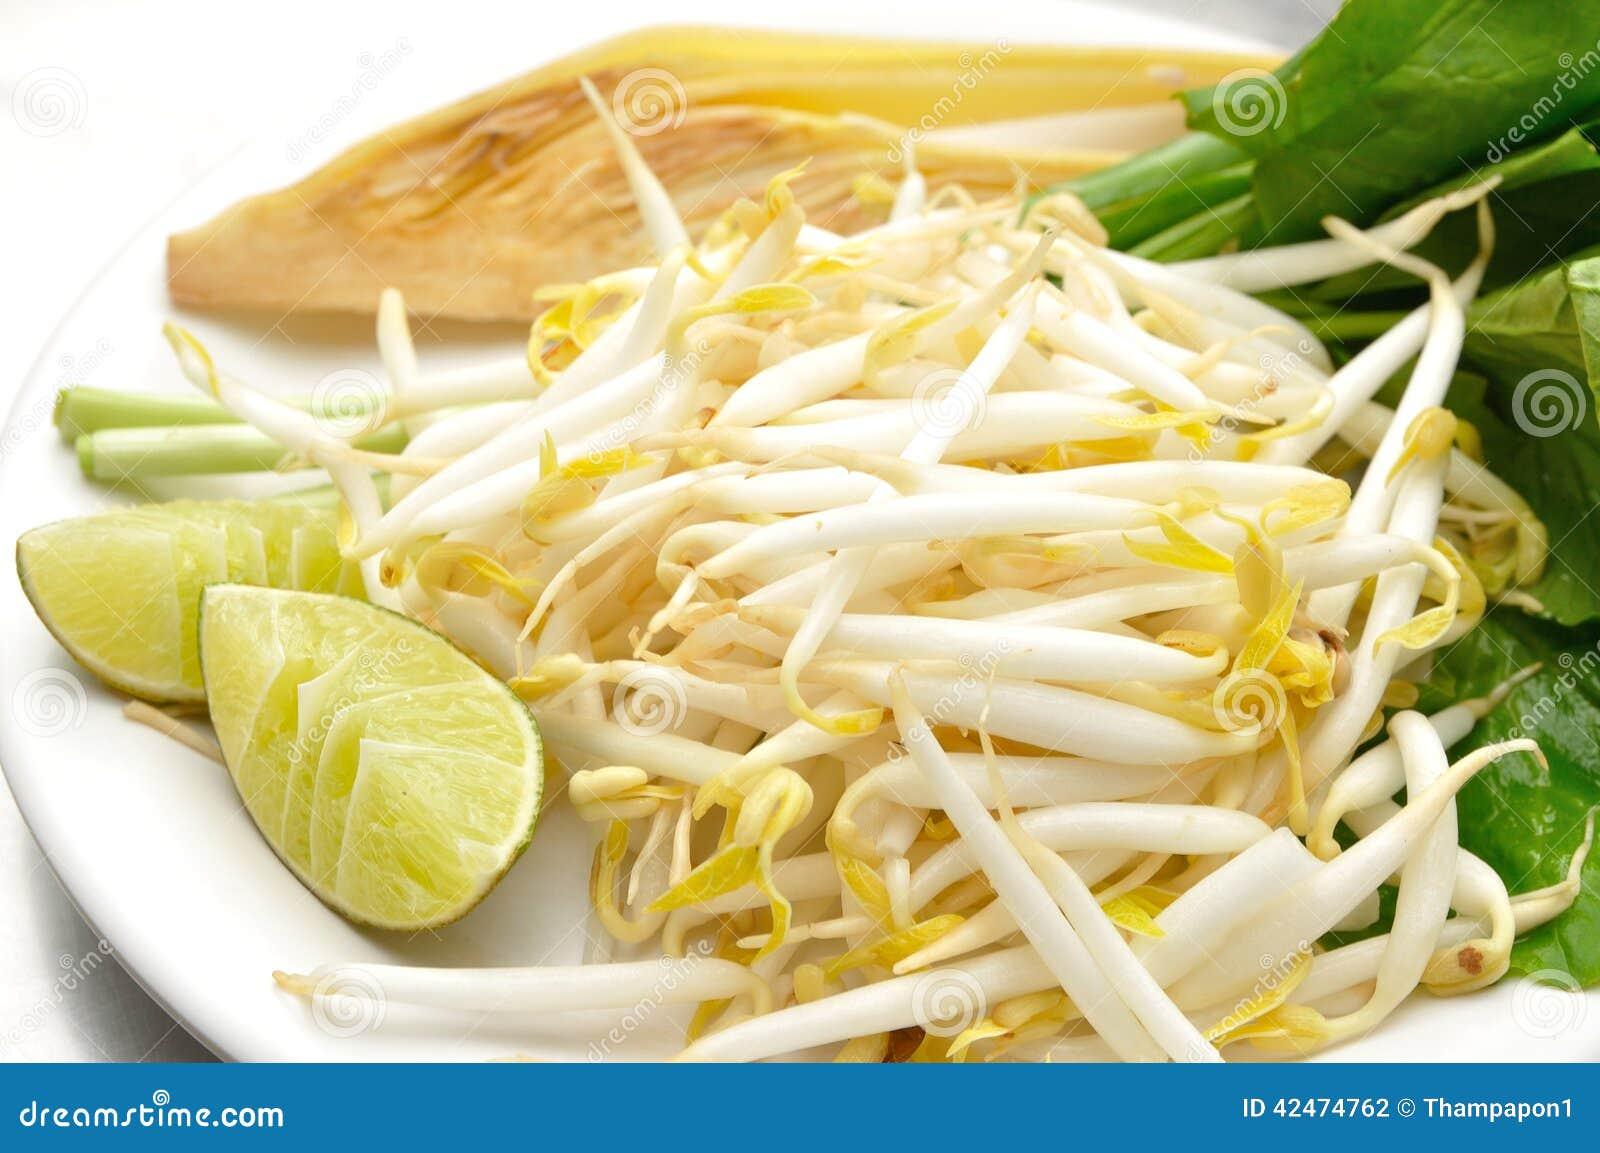 Mungobohnen oder Sojabohnensprossen auf weißen Platten